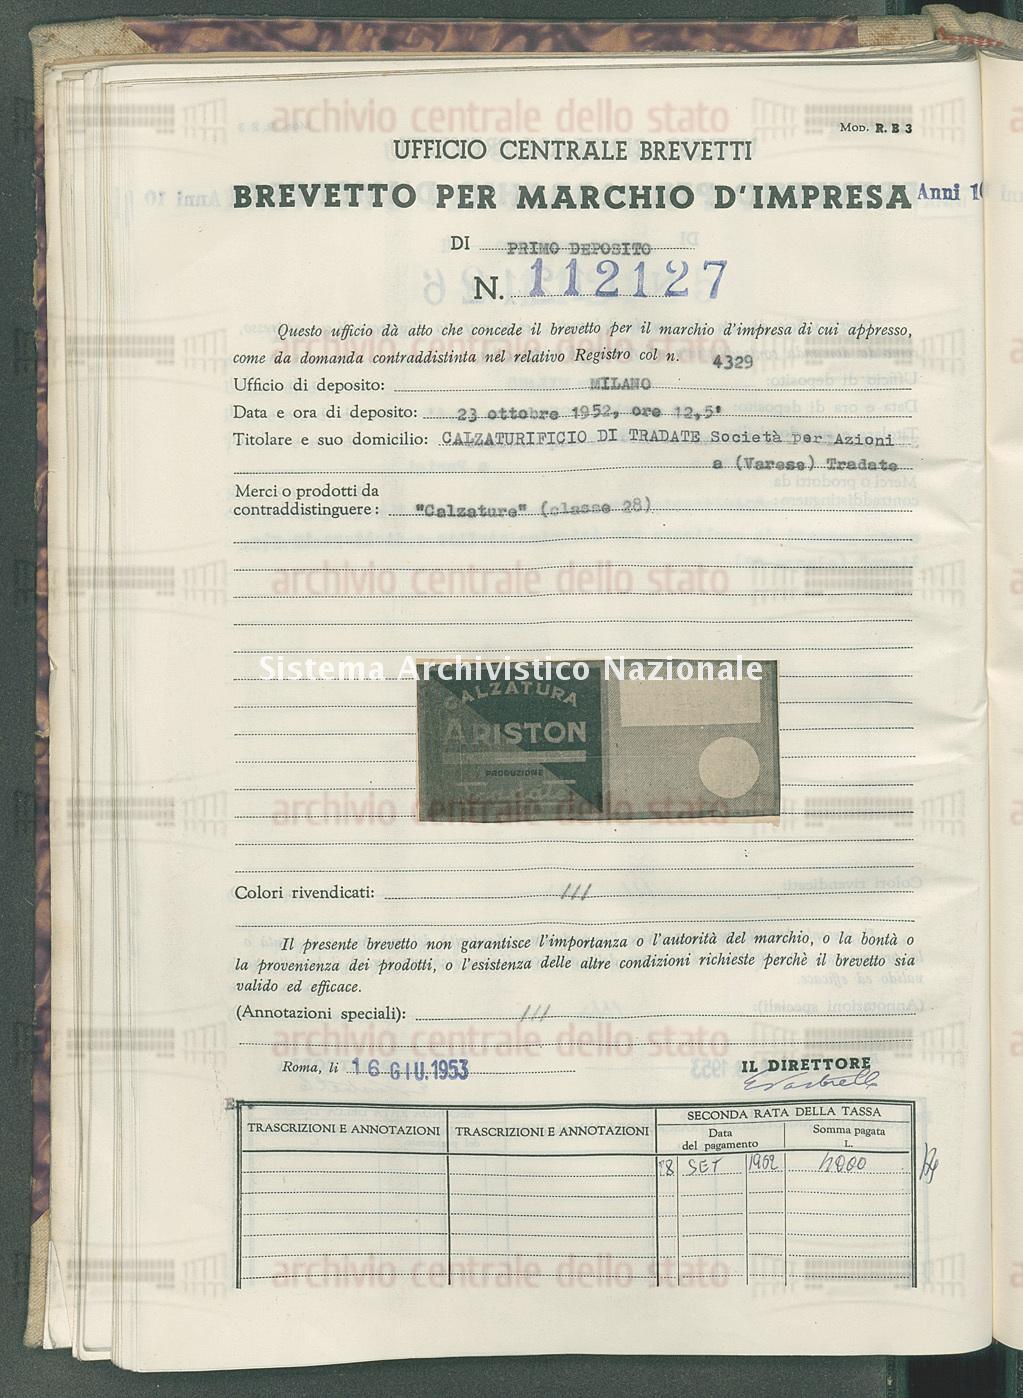 'Calzature' Calzaturificio Di Tradate Societa' Per Azioni (16/06/1953)